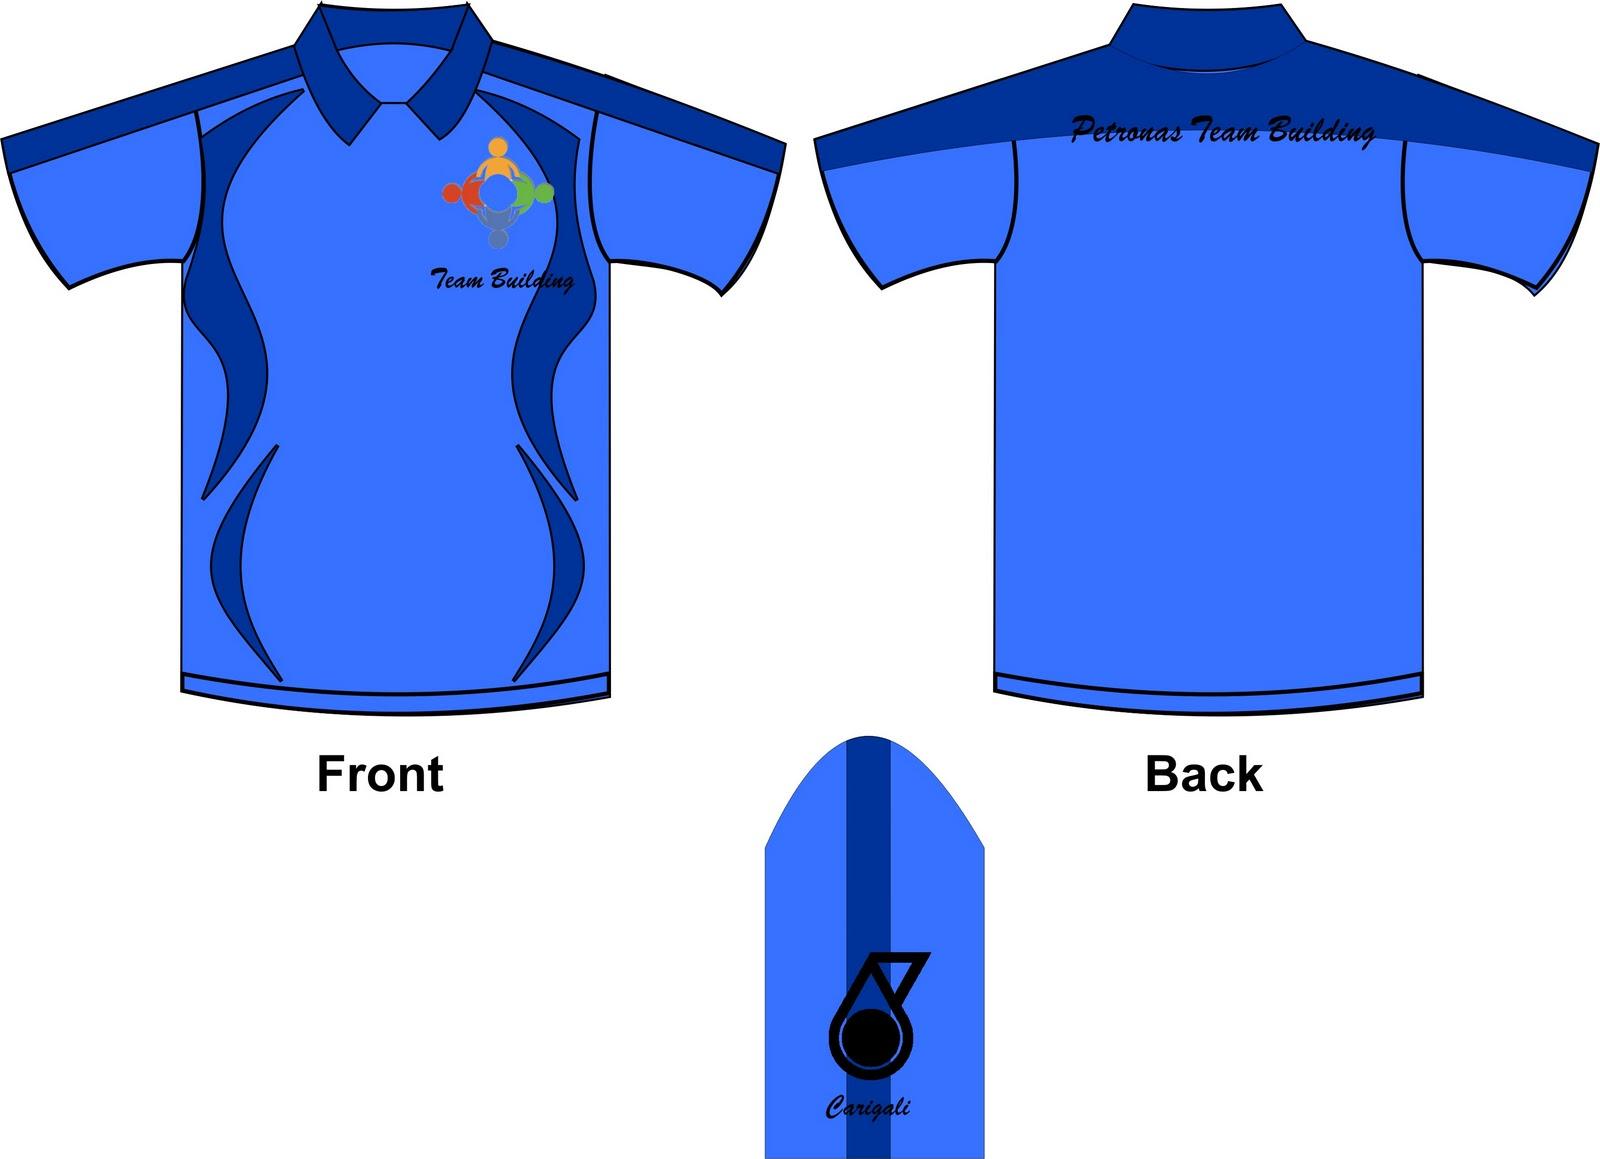 Contoh design tshirt kelas - Contoh Design Baju T Shirt